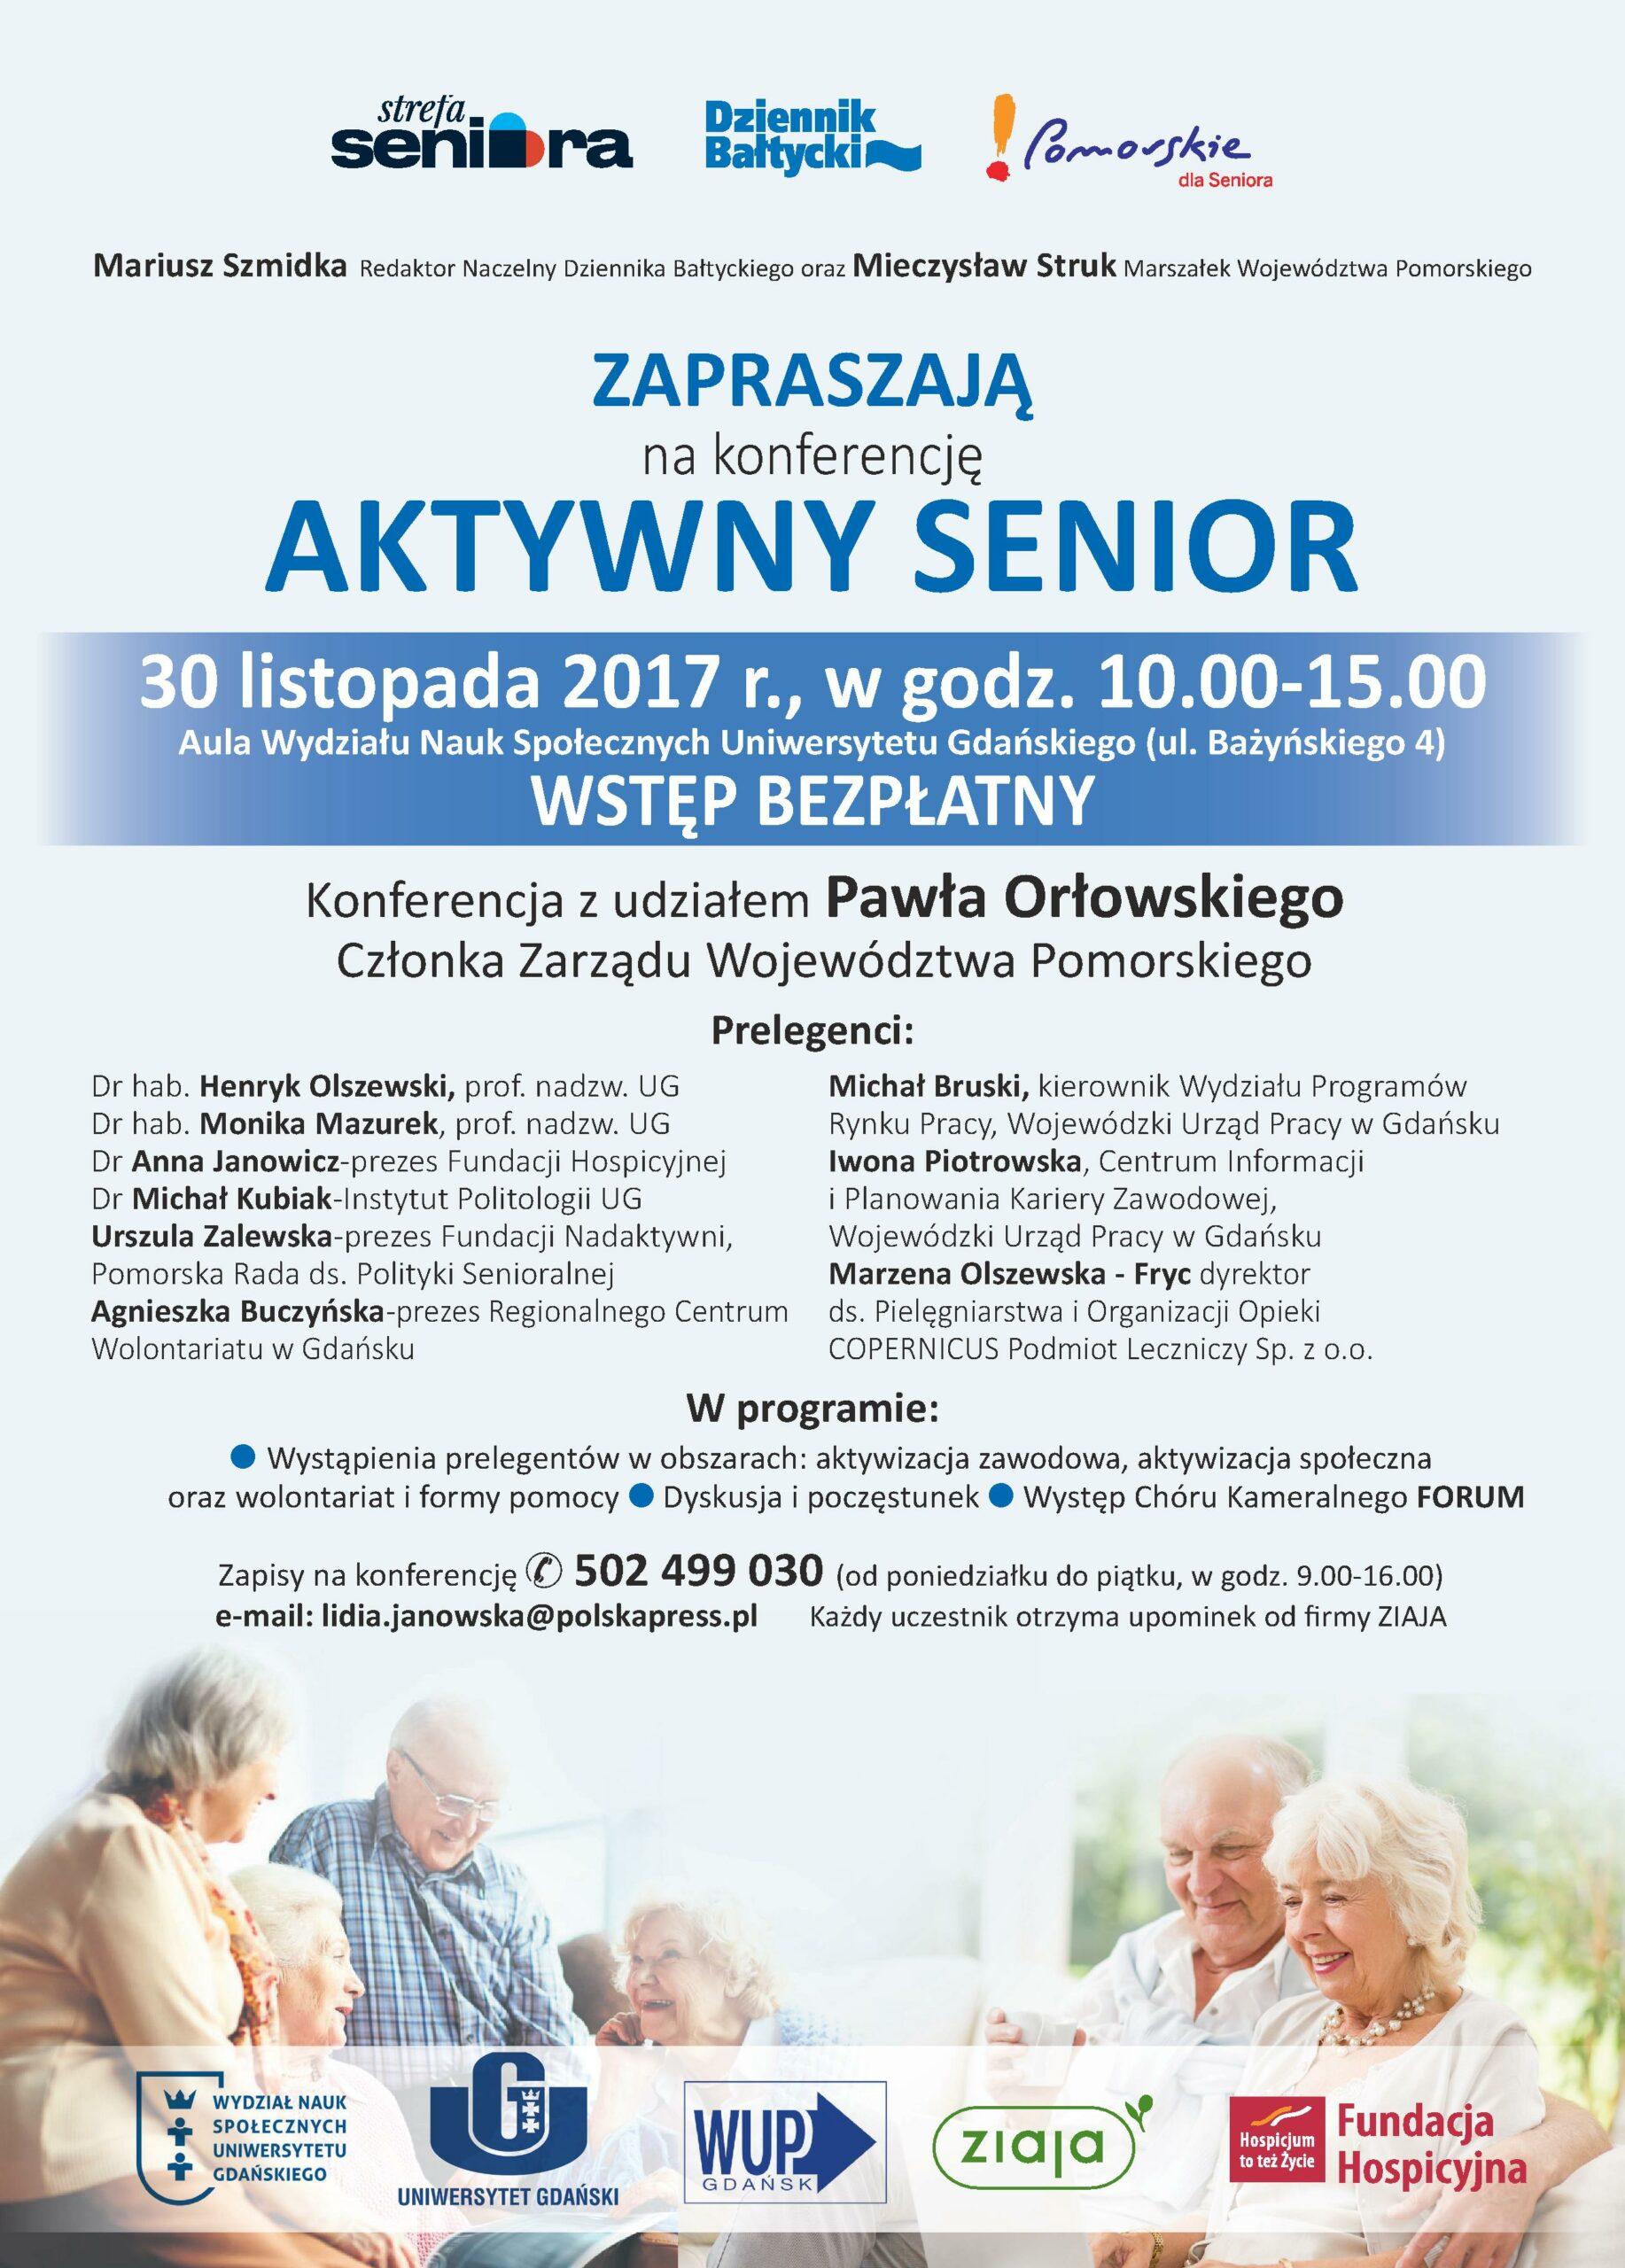 Zaproszenie na Konferencję Aktywny Senior